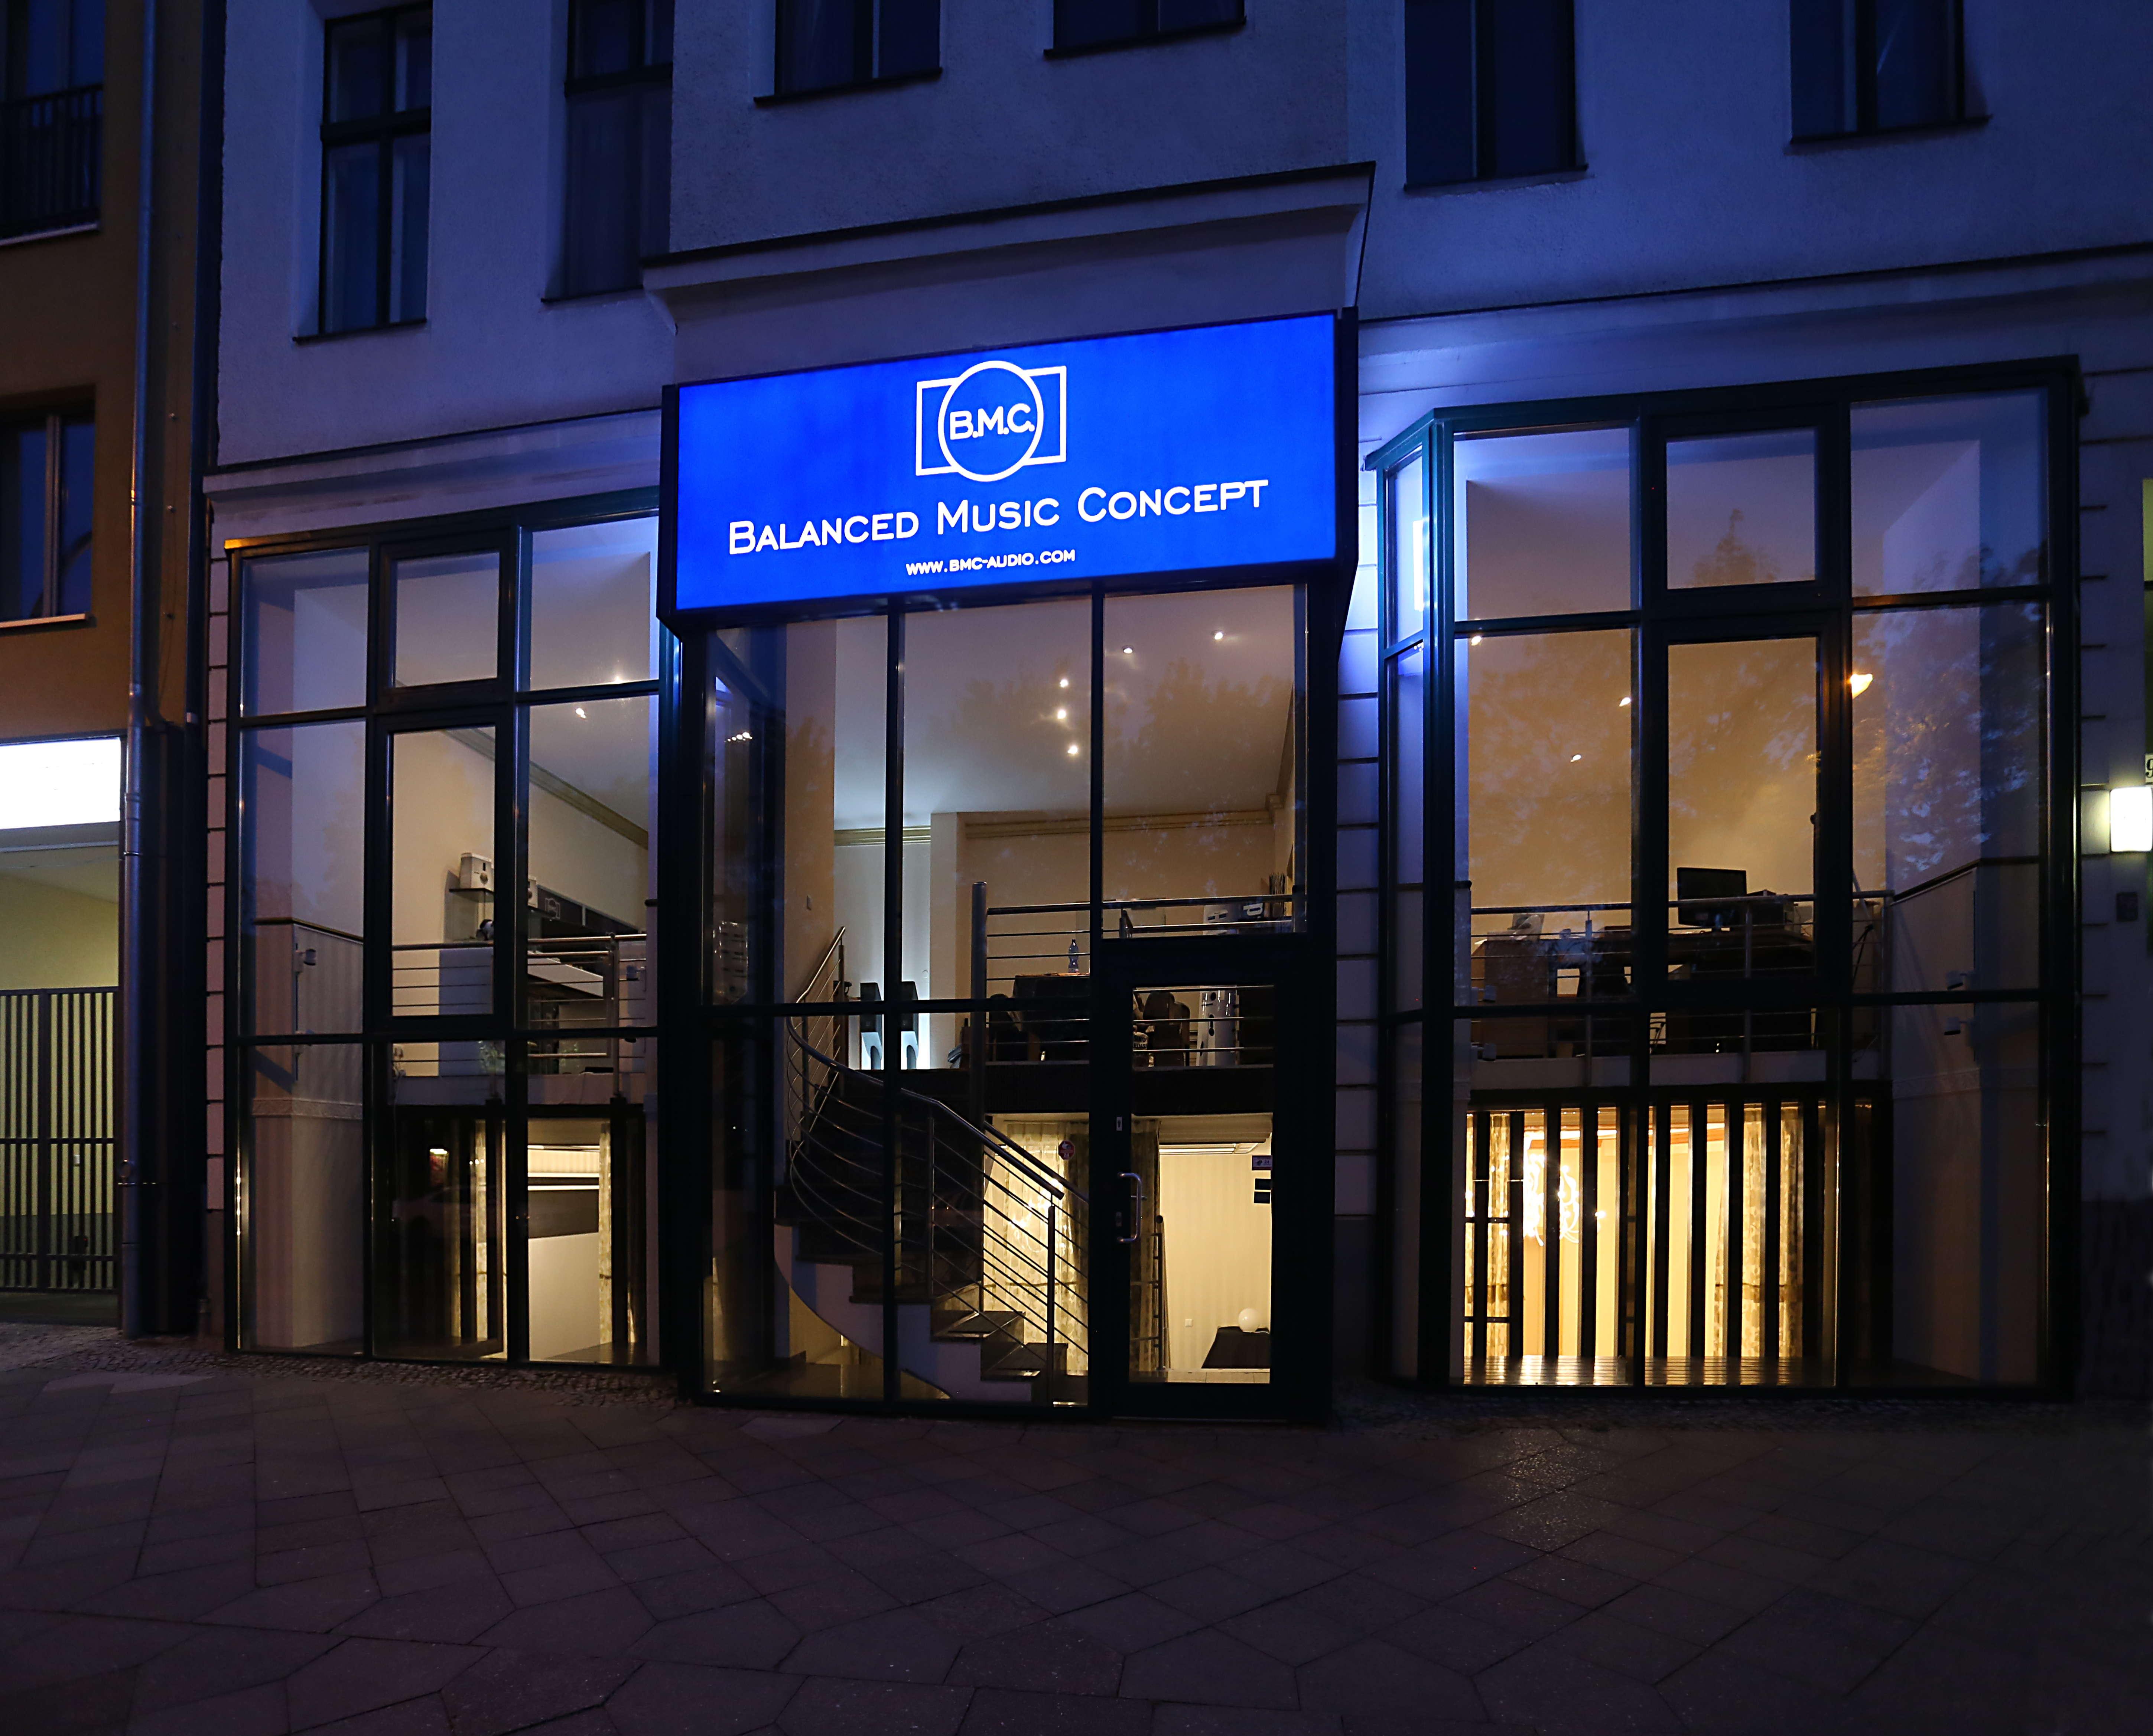 B.M.C. Brand Store